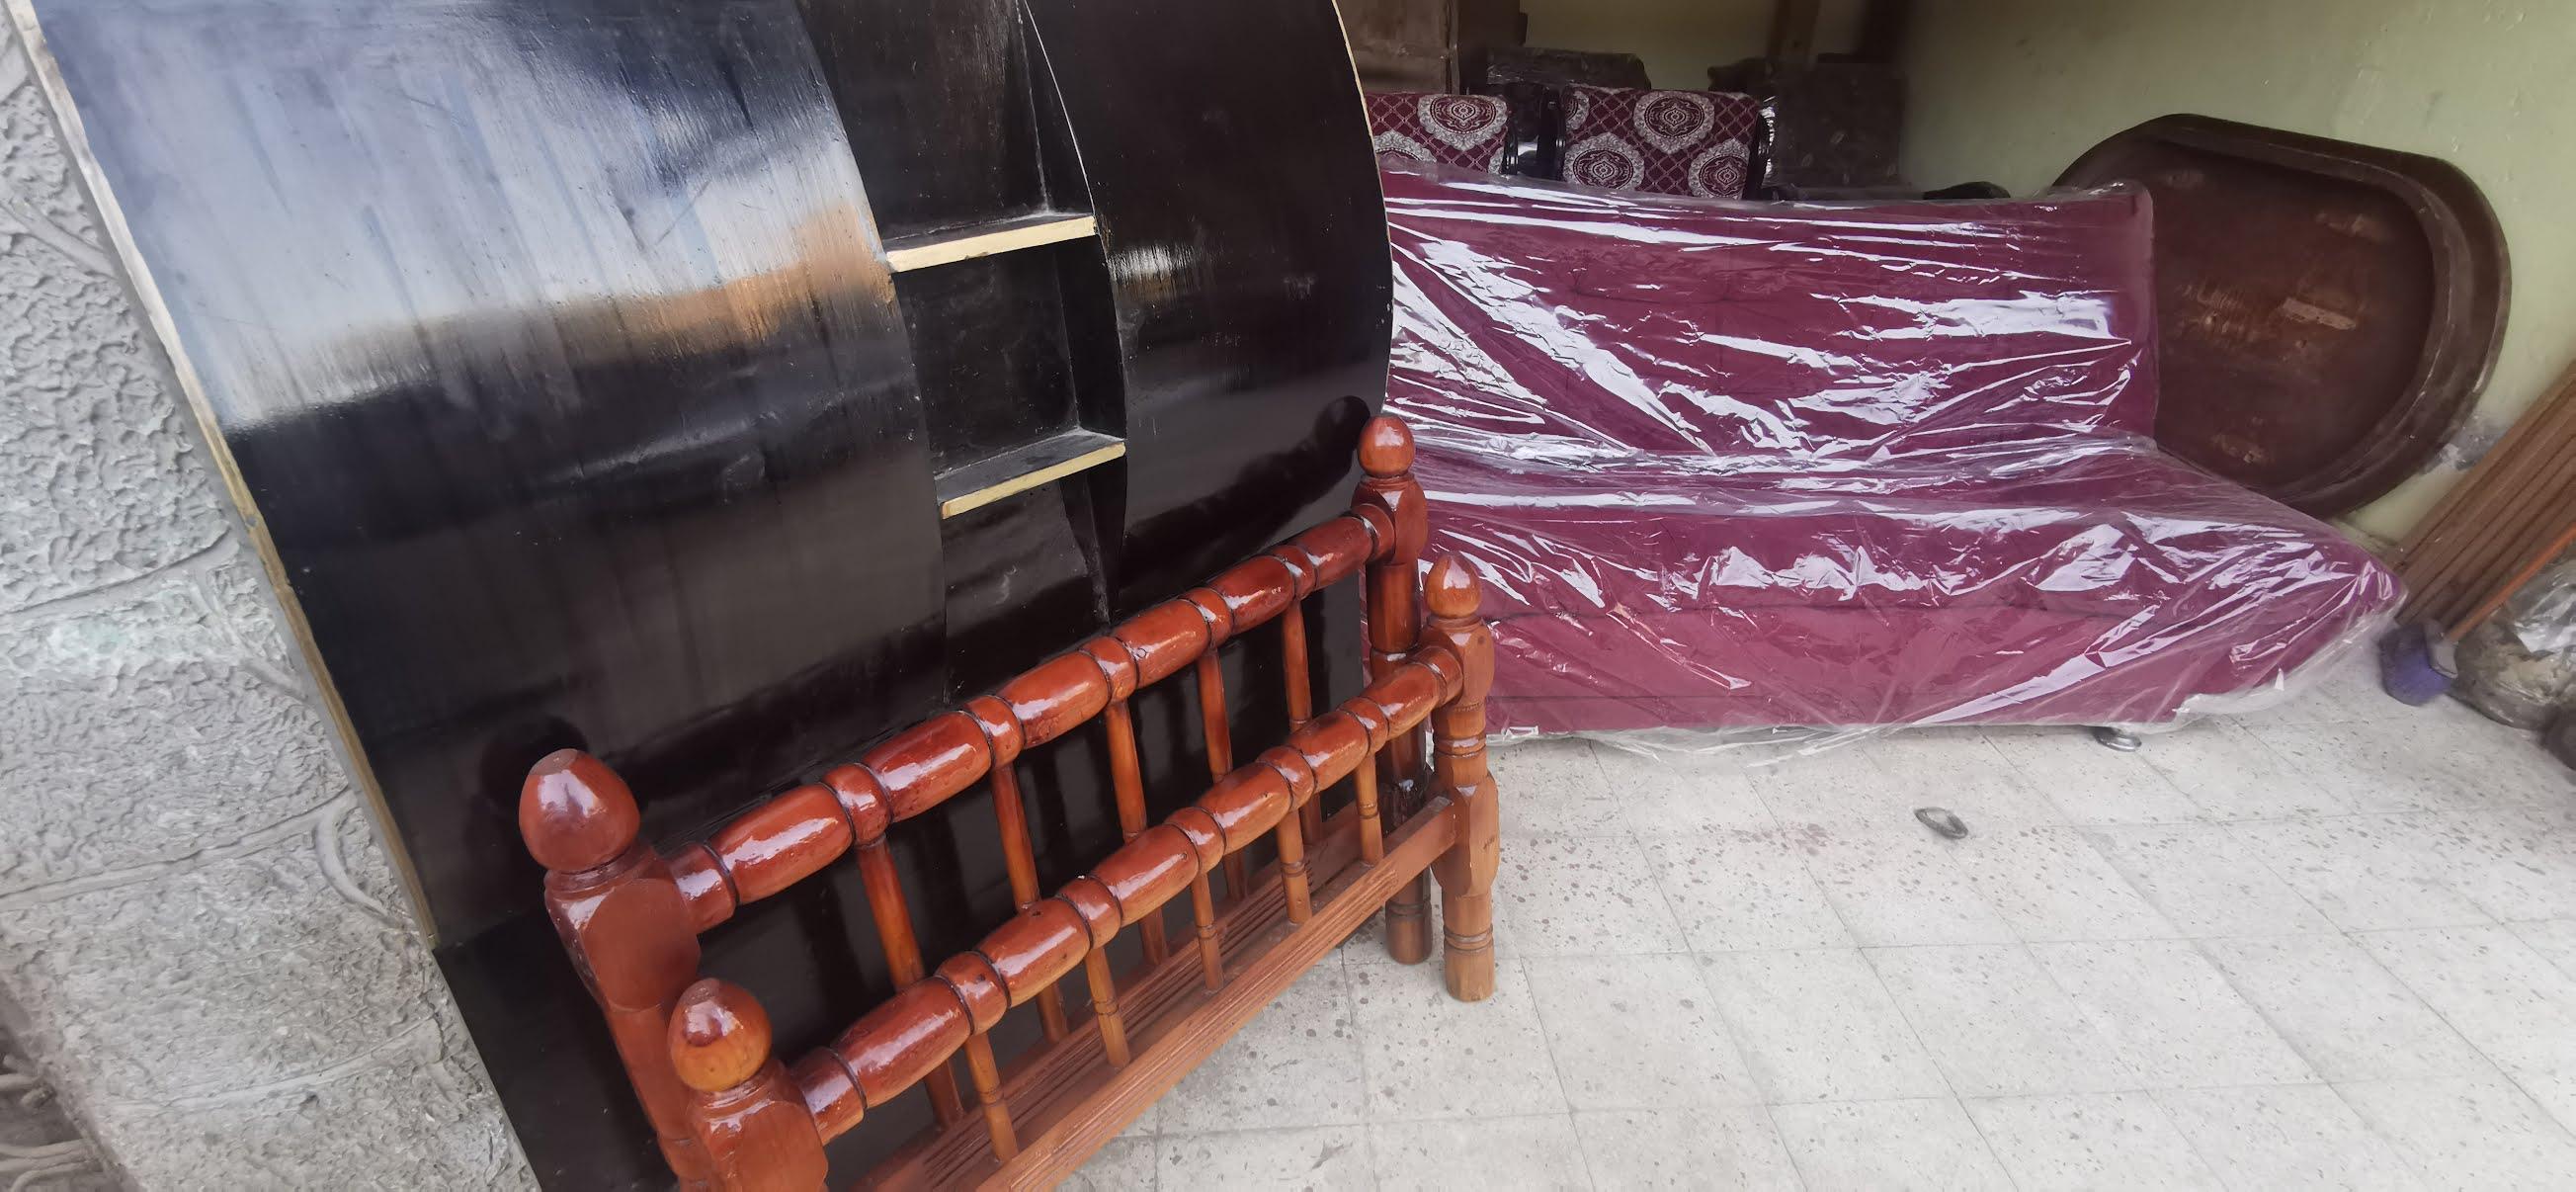 أسعار سرير مستعمل للبيع في المطرية - فيرنتشر ستورز المطرية